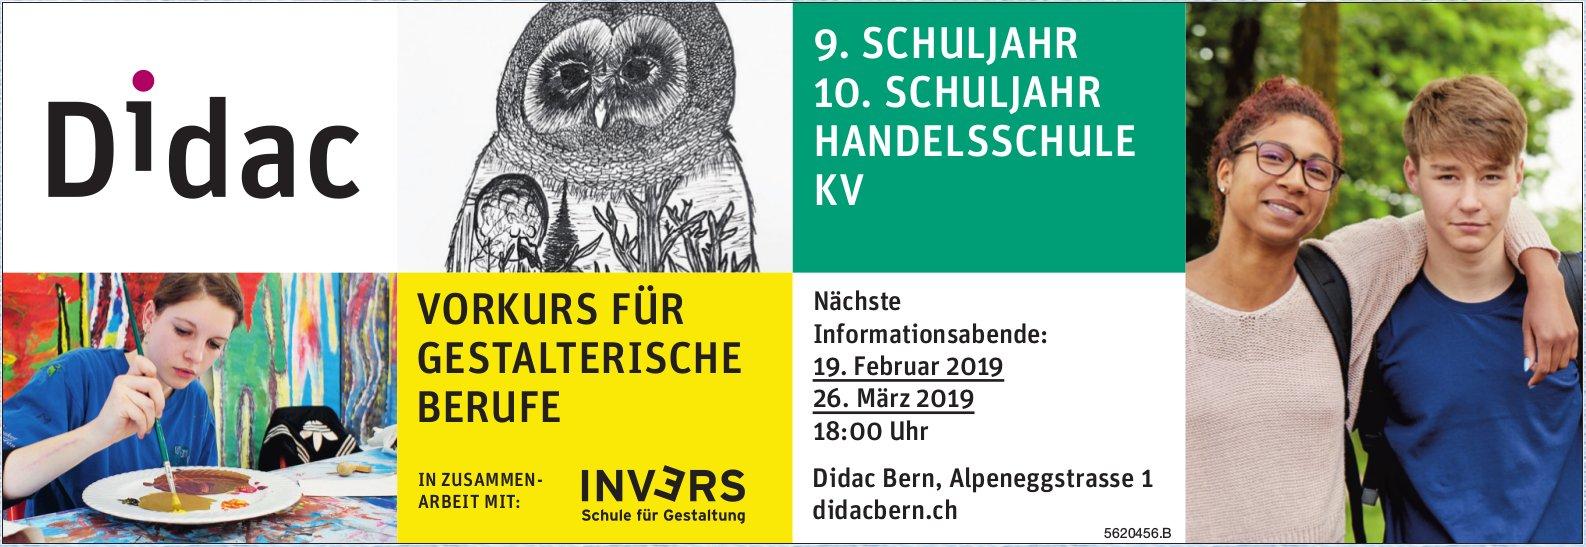 Didac - 9. + 10.Schuljahr Handelschule KV: Nächste Informationsabende 19. Feb. + 16. März